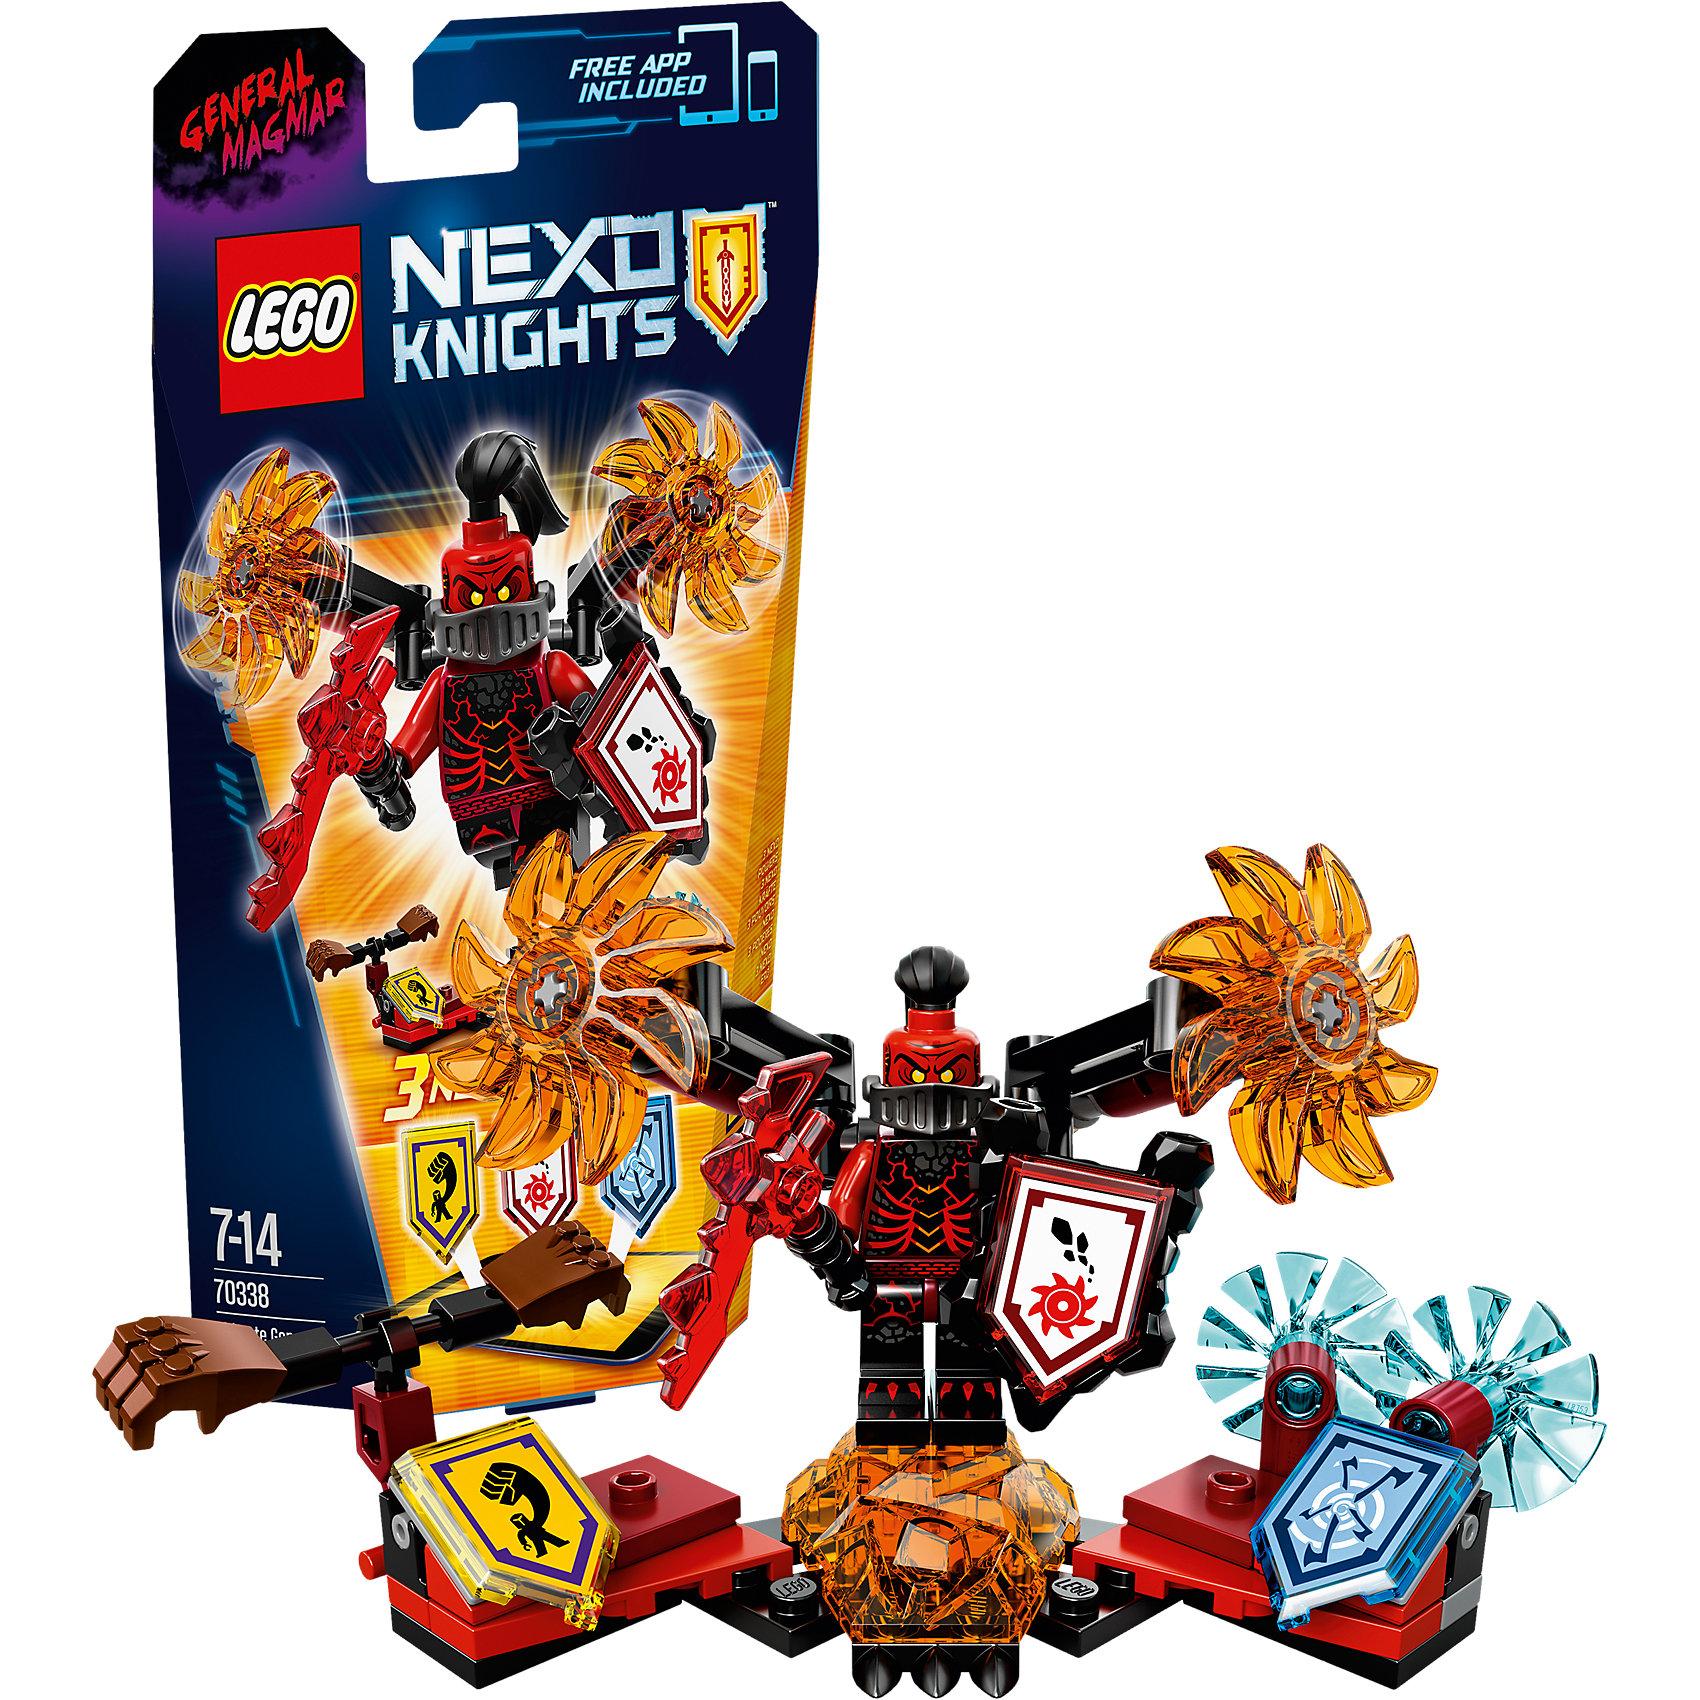 LEGO NEXO KNIGHTS 70338: Генерал Магмар - Абсолютная силаПластмассовые конструкторы<br>Генерал Магмар играет подло, и даже Джестро нужно оглядываться, когда Генерал Магмар Абсолютная сила начинает вращать своё пылающее оружие. Используй магию, чтобы поразить противников, вызвав NEXO-силу «Вихревой ветер»! Этот злой генерал даже может переломить ход сражения, если пустит в ход свои сокрушающие кулаки.<br><br>LEGO Nexo Knights ( ЛЕГО Нексо Найт) - это невероятный мир прогресса и новых технологий, в котором все же нашлось место для настоящих рыцарей, магии и волшебства. Удивительное сочетание футуризма и средневековой романтики увлекает и детей, и взрослых, а множество наборов серии и высокая детализация позволяют создать свой волшебный мир Nexo Knights!<br><br>Дополнительная информация:<br><br>- Конструкторы ЛЕГО развивают усидчивость, внимание, фантазию и мелкую моторику. <br>- Количество деталей: 69. <br>- 1 минифигурка, постамент, аксессуары. <br>- Серия ЛЕГО Нексо Найт (LEGO Nexo Knights).<br>- Материал: пластик.<br>- Размер упаковки: 24х5х14 см.<br>- Вес: 0.095 кг.<br><br>Конструктор LEGO Nexo Knights 70338: Генерал Магмар - Абсолютная сила можно купить в нашем магазине.<br><br>Ширина мм: 236<br>Глубина мм: 142<br>Высота мм: 50<br>Вес г: 95<br>Возраст от месяцев: 84<br>Возраст до месяцев: 168<br>Пол: Мужской<br>Возраст: Детский<br>SKU: 4641202